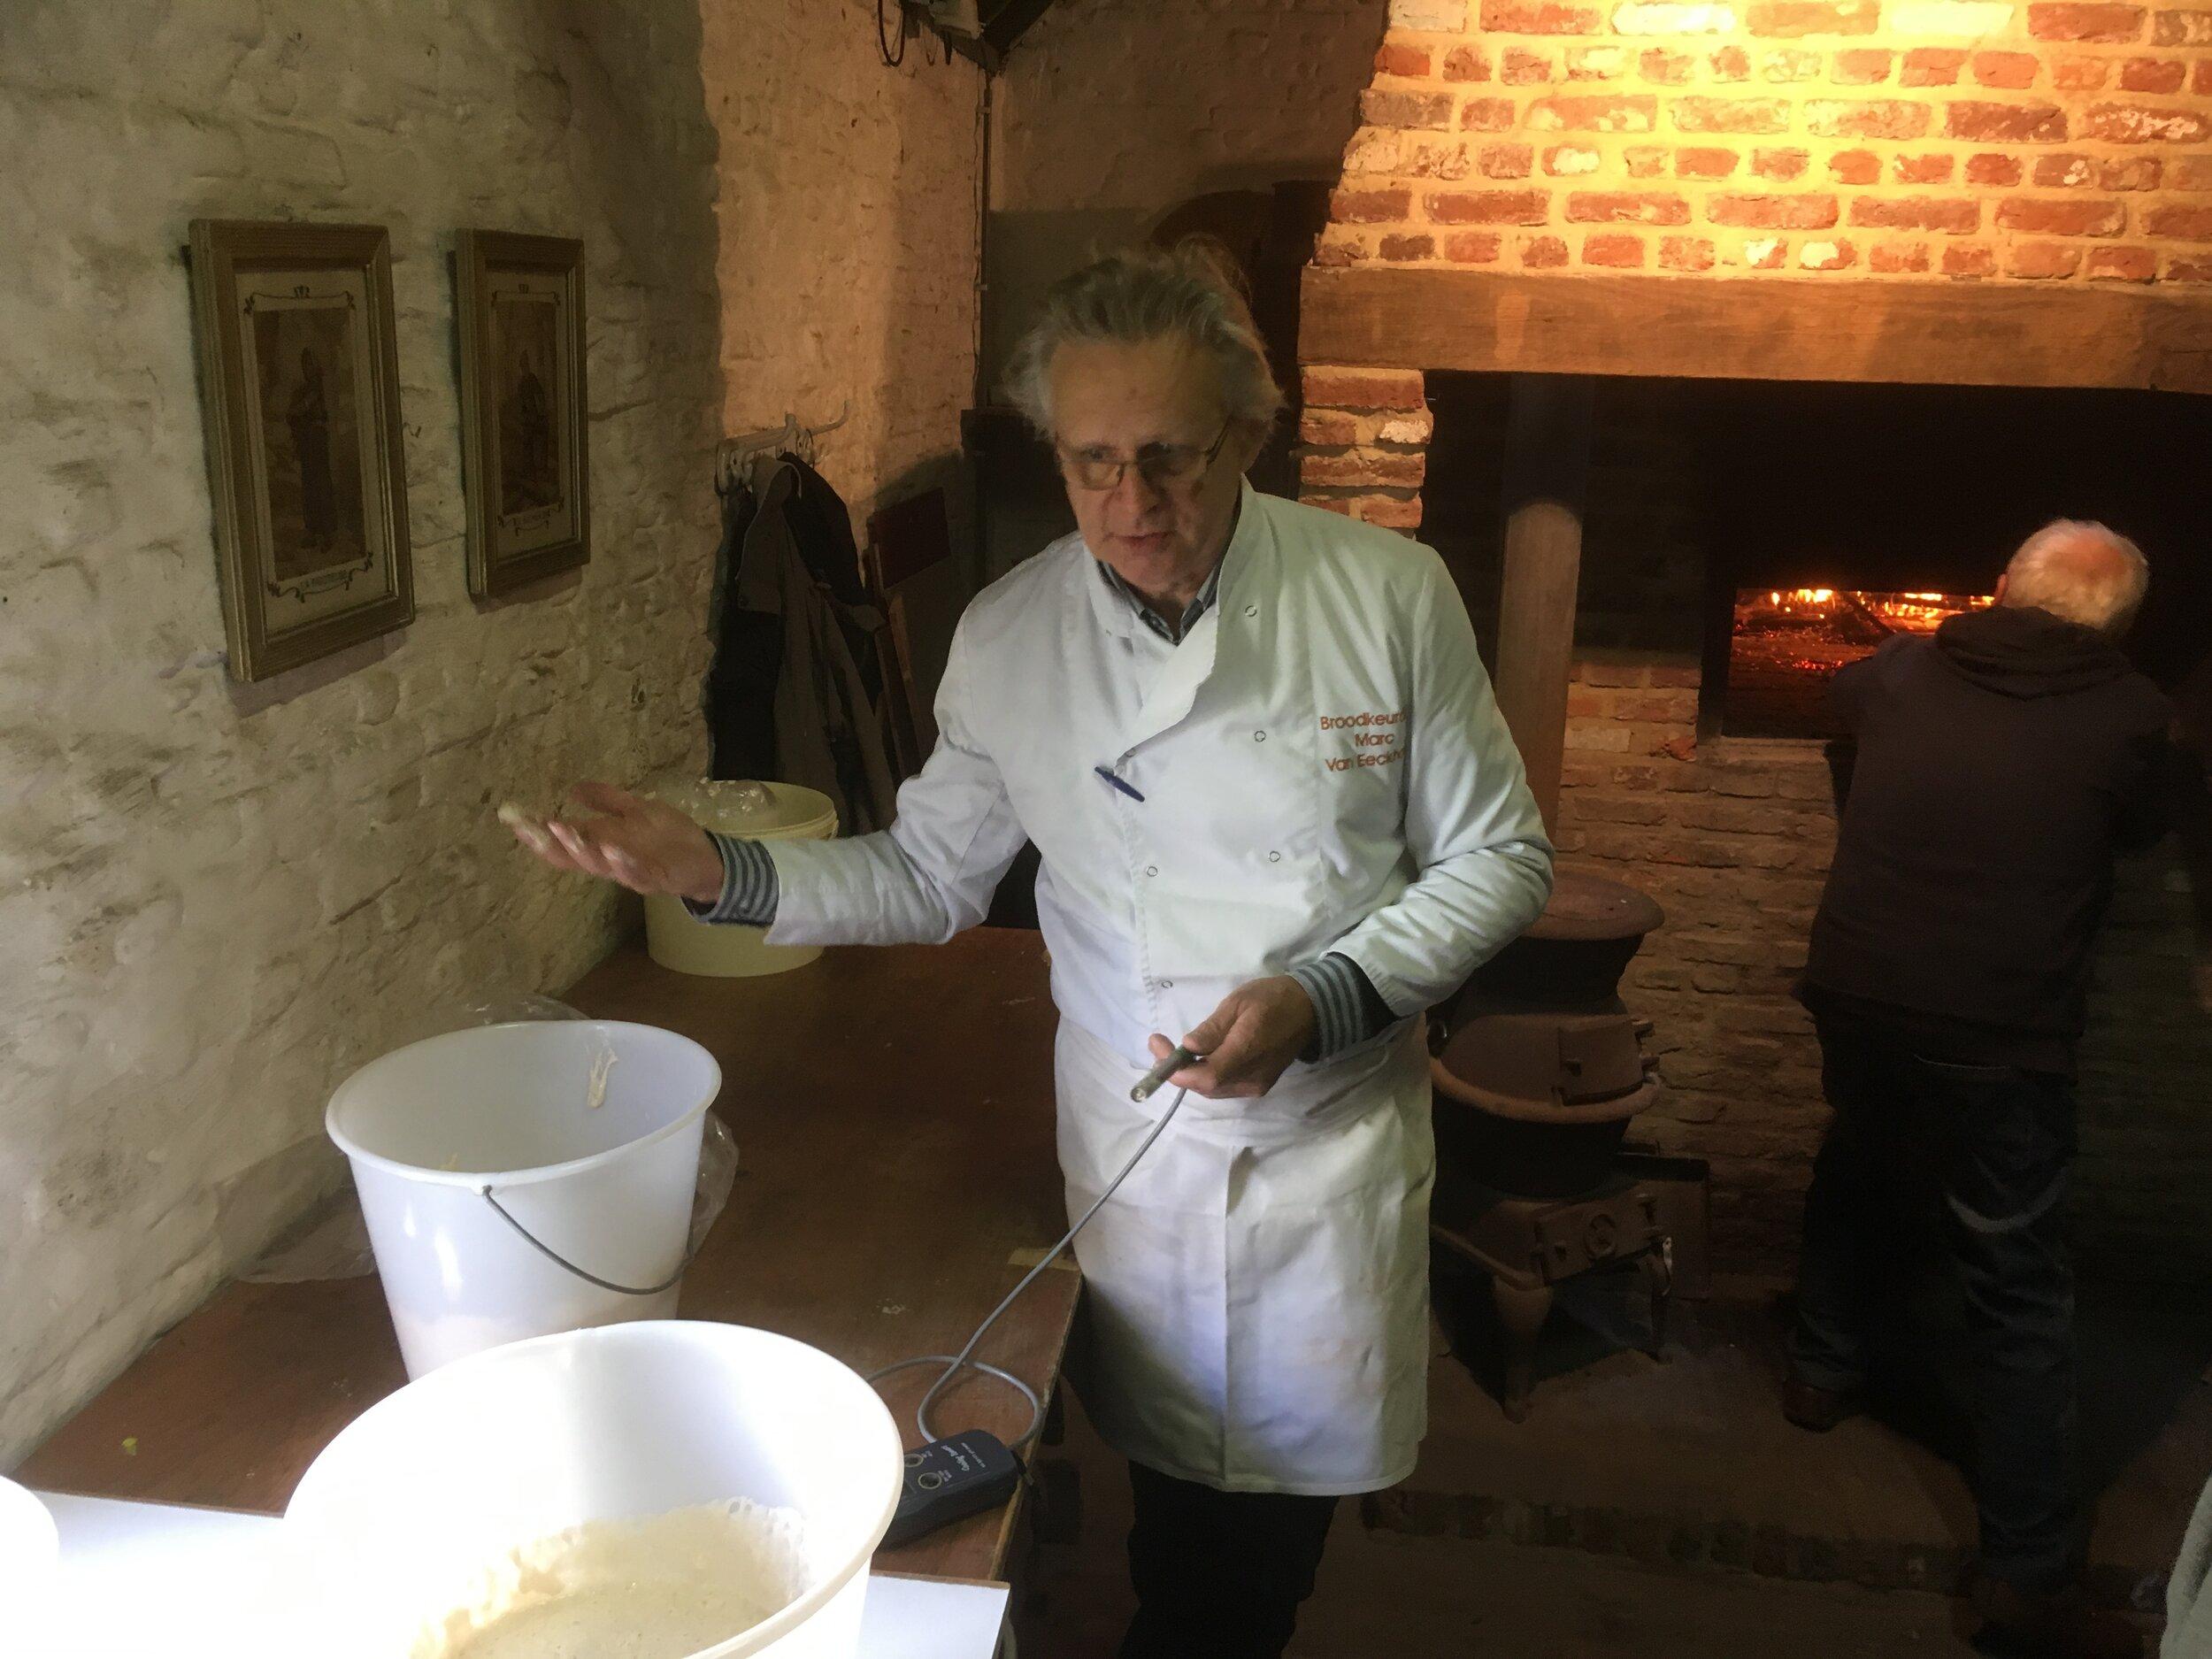 Marc van Eeckhoudt bij het stellen van de opdracht. In de achtergrond stookt Hugo de oven.